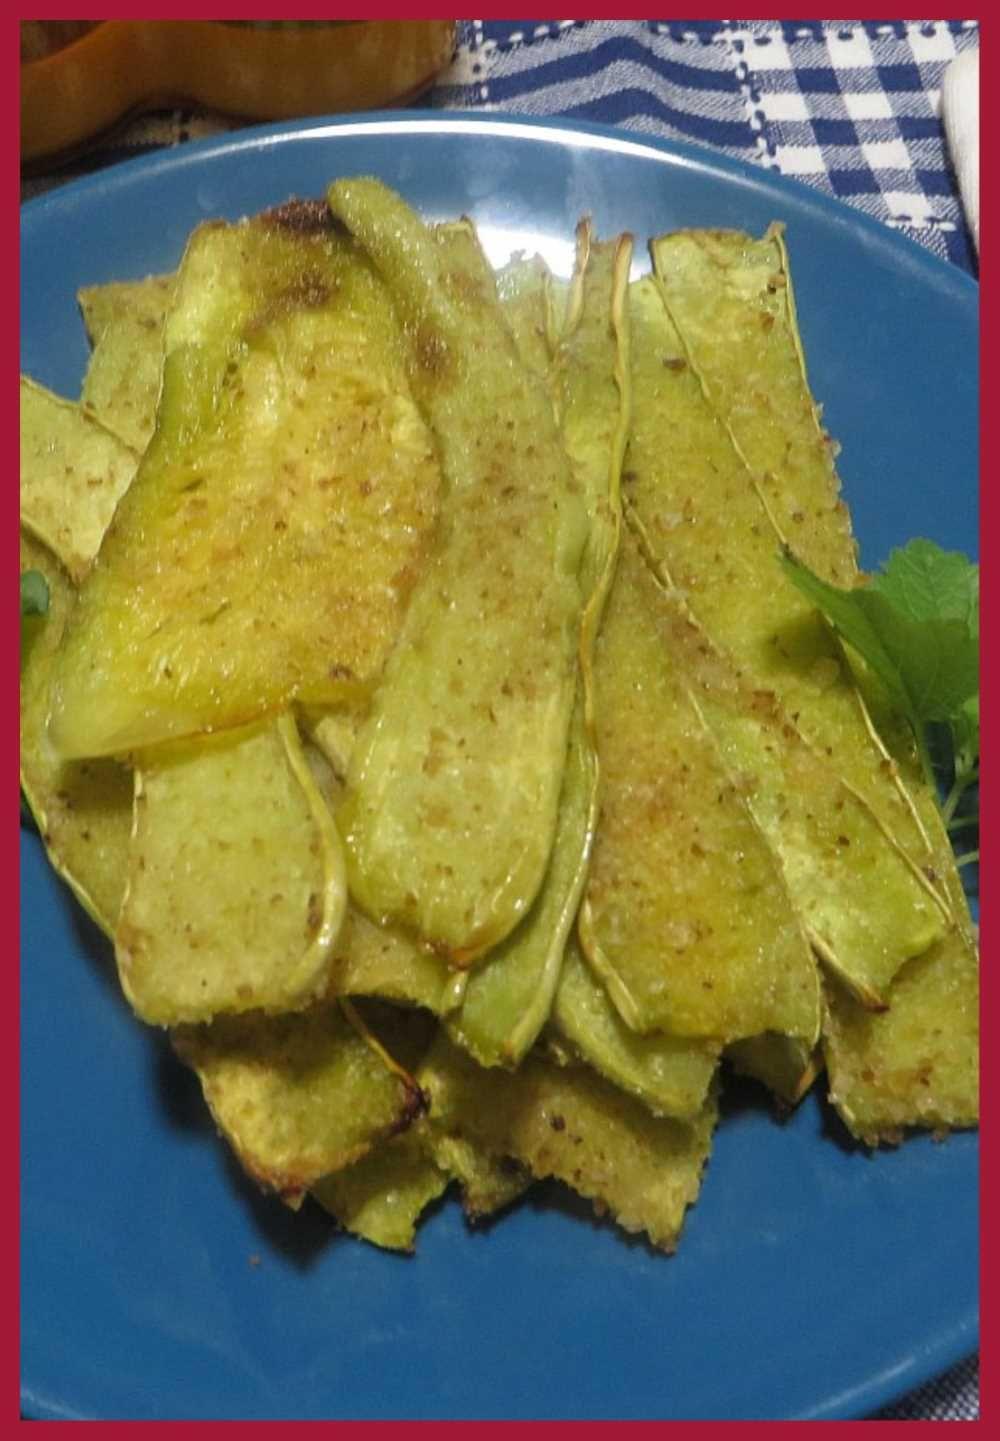 Ricetta Zucchine Trombetta.Zucchine Trombetta Gratinate In Forno Ricetta Ricette Ricette Contorni Cucinare Le Zucchine